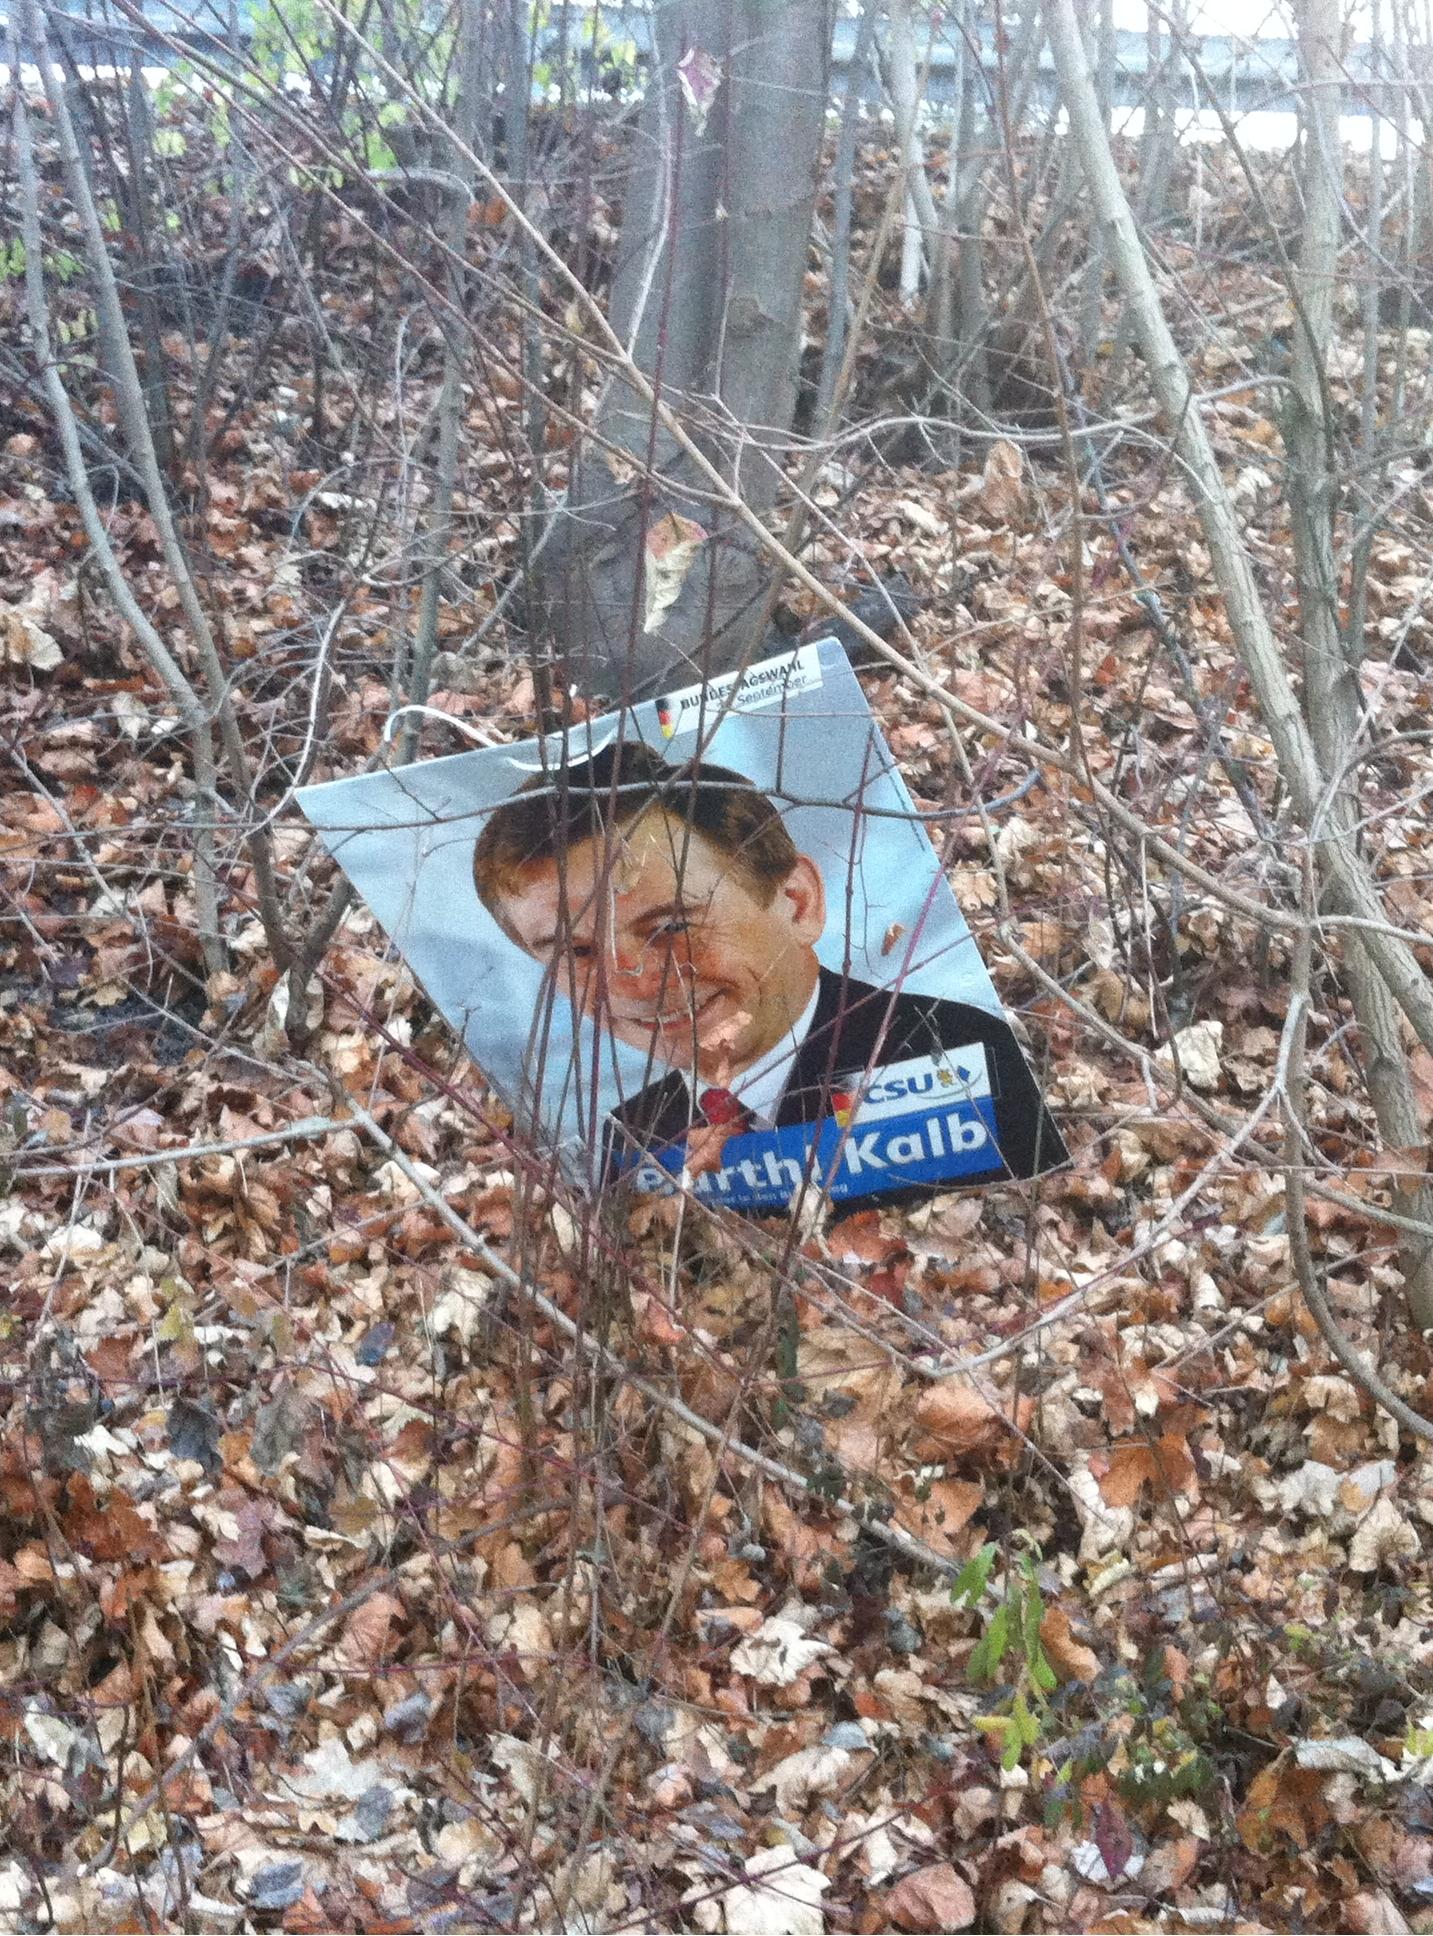 Politiker liegt grinsend neben der Strasse im Busch